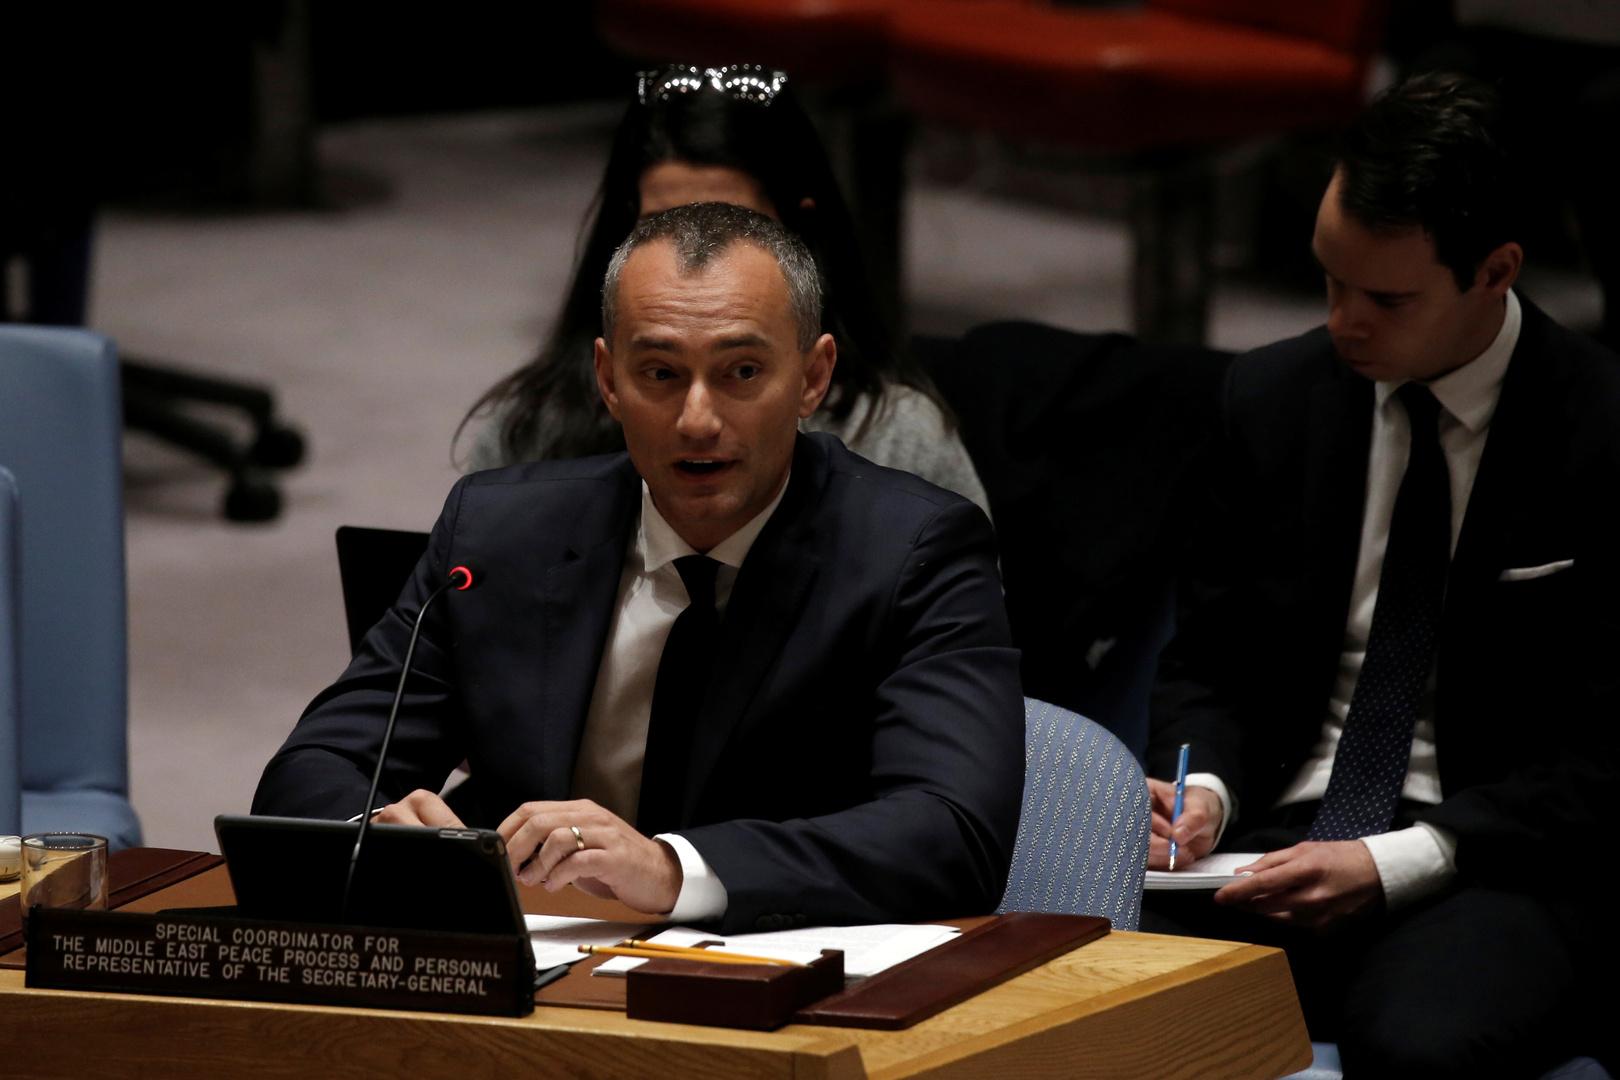 منسق الأمم المتحدة لعملية السلام في الشرق الأوسط، نيكولاي ملادينوف